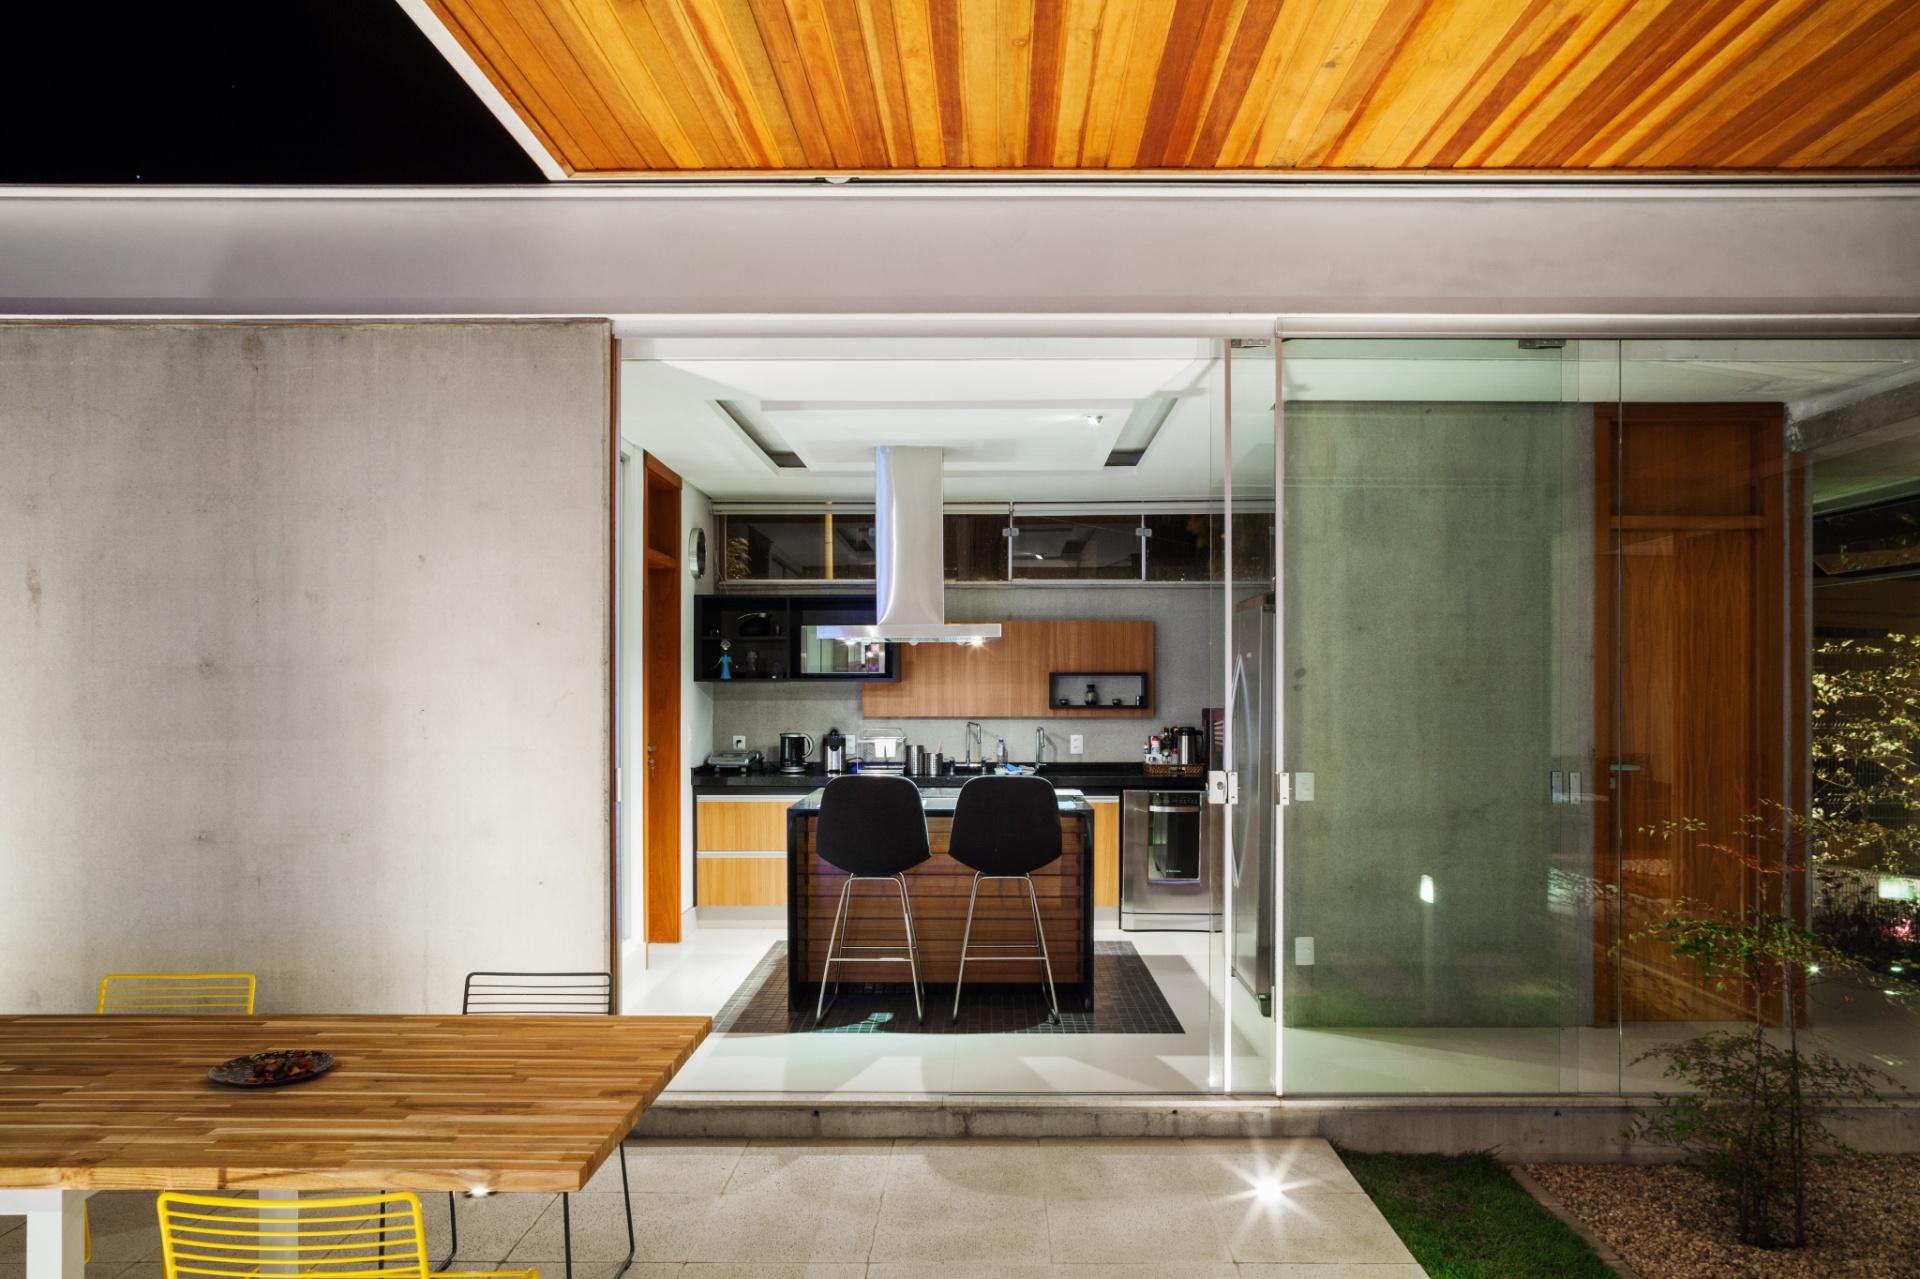 À noite, a cobertura com forro de madeira pode ser fechada e garantir maior proteção à área da churrasqueira interligada à cozinha. A Casa das Pérgolas foi projetada pelo escritório FGMF Arquitetos